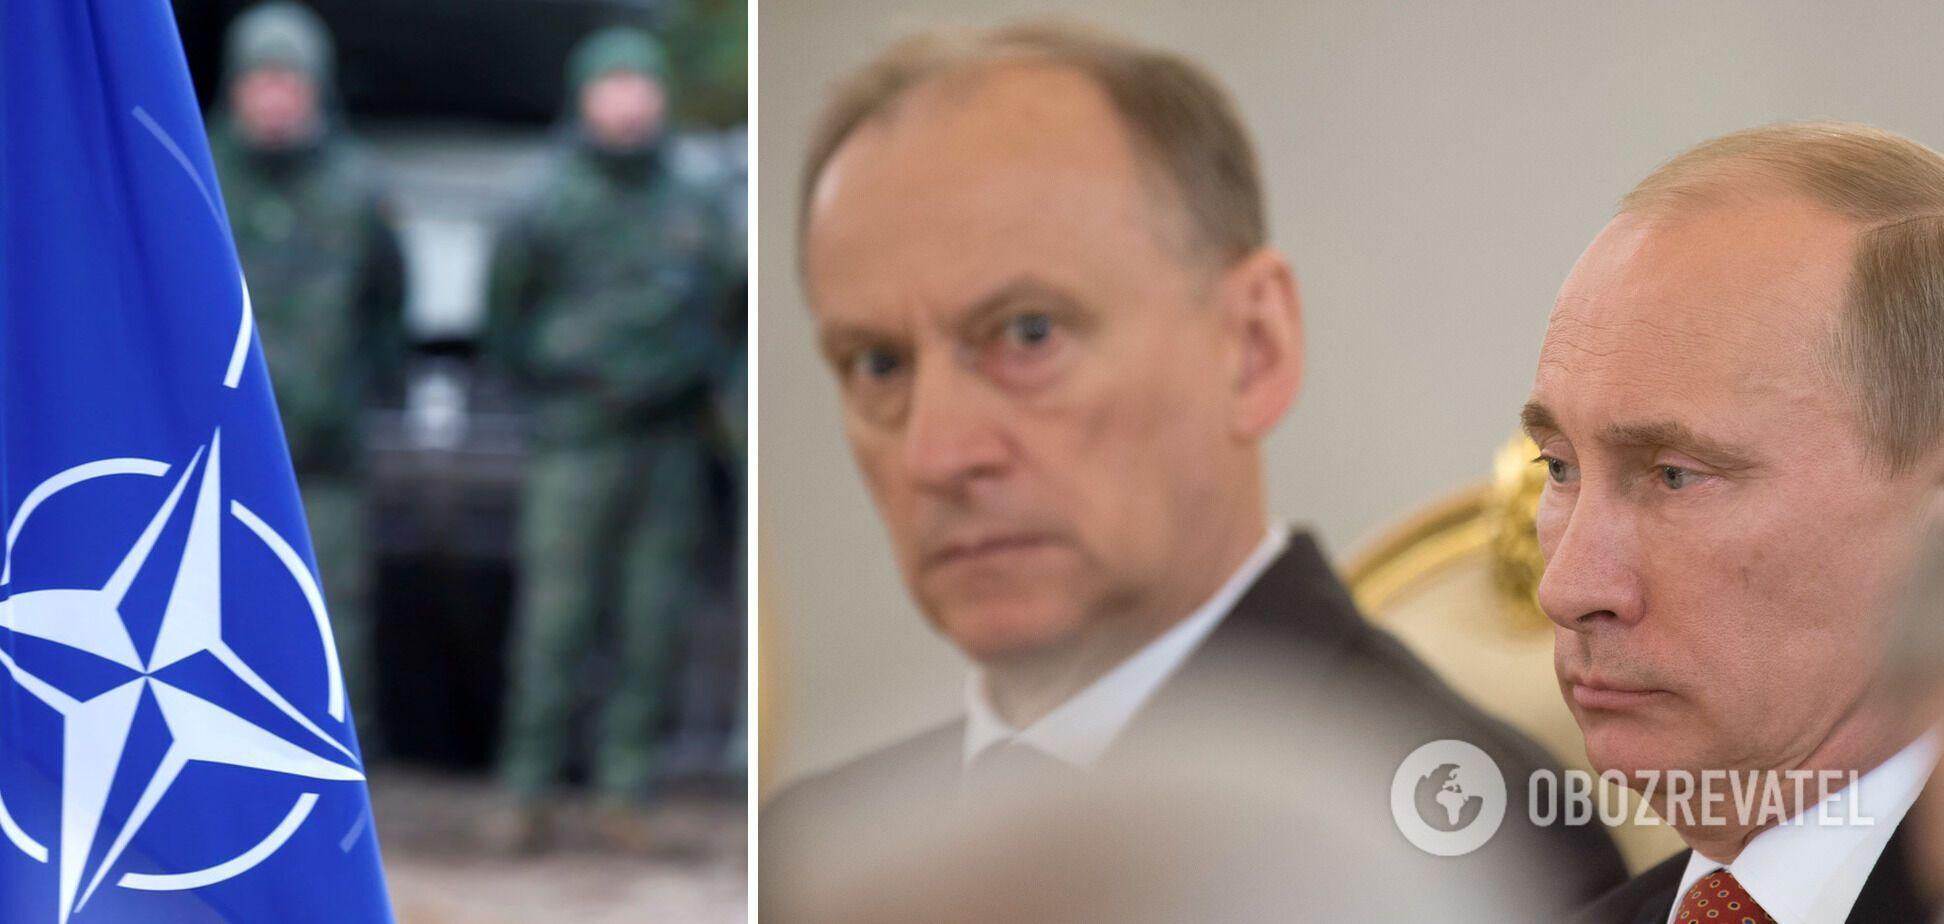 Фантазії Кремля про 'вторгнення НАТО' можуть призвести до справжньої війни